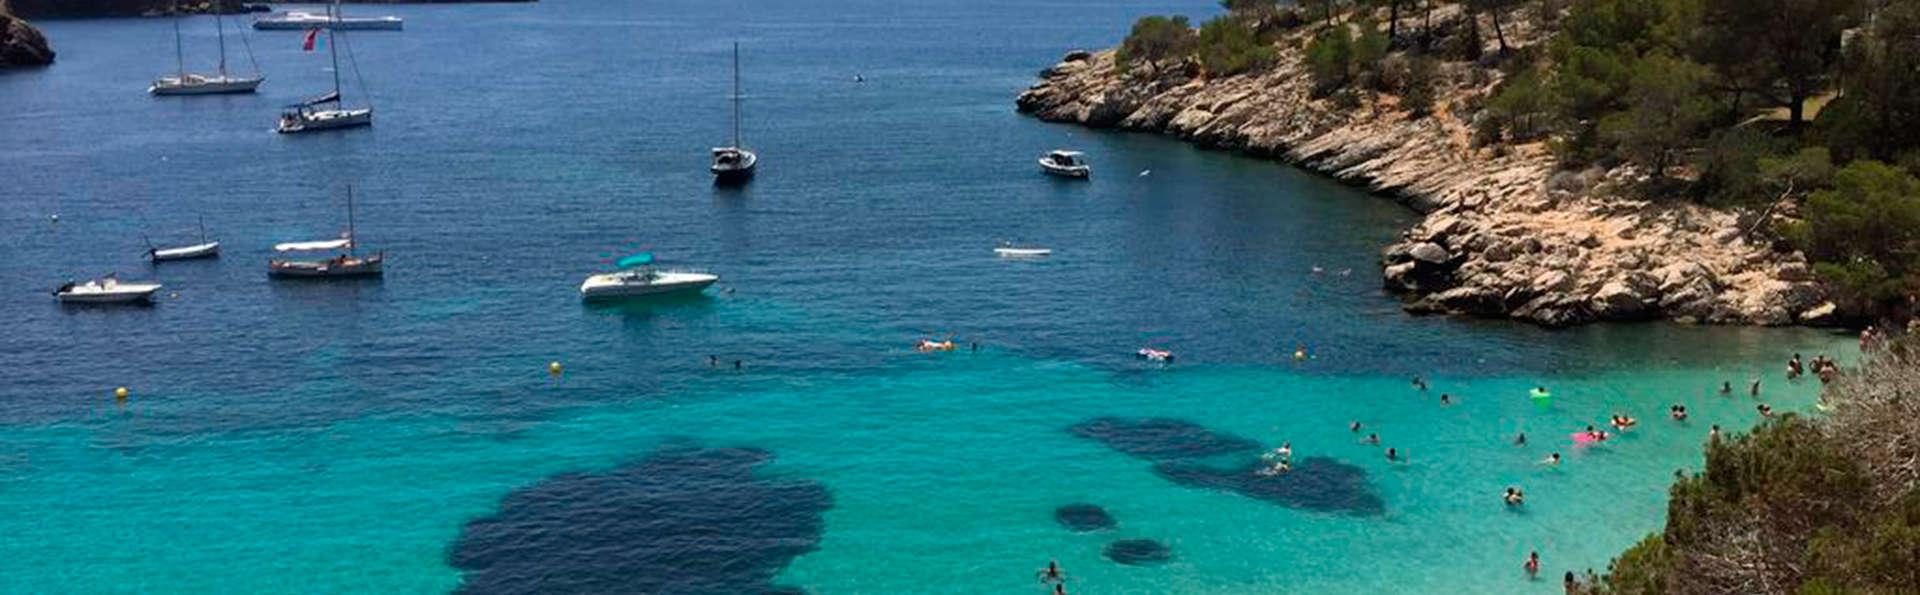 Bain de soleil au bord de la mer Méditerranée sur les plages de Lloret de Mar (à partir de 2 nuits)